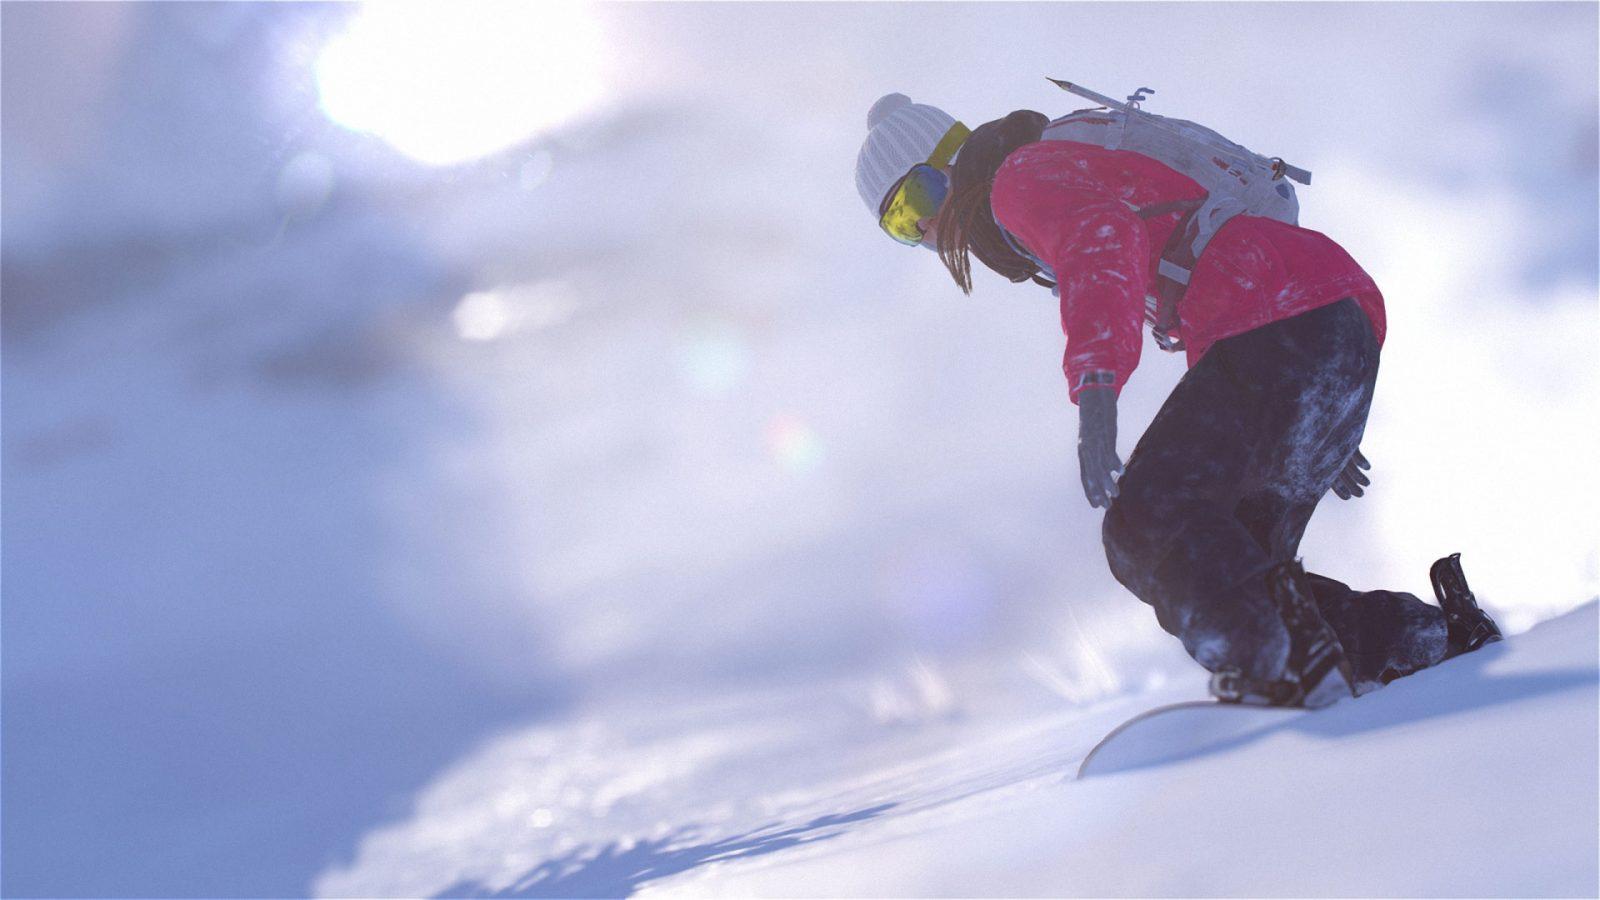 Steep Snowboard - Photo Credits Ubisoft